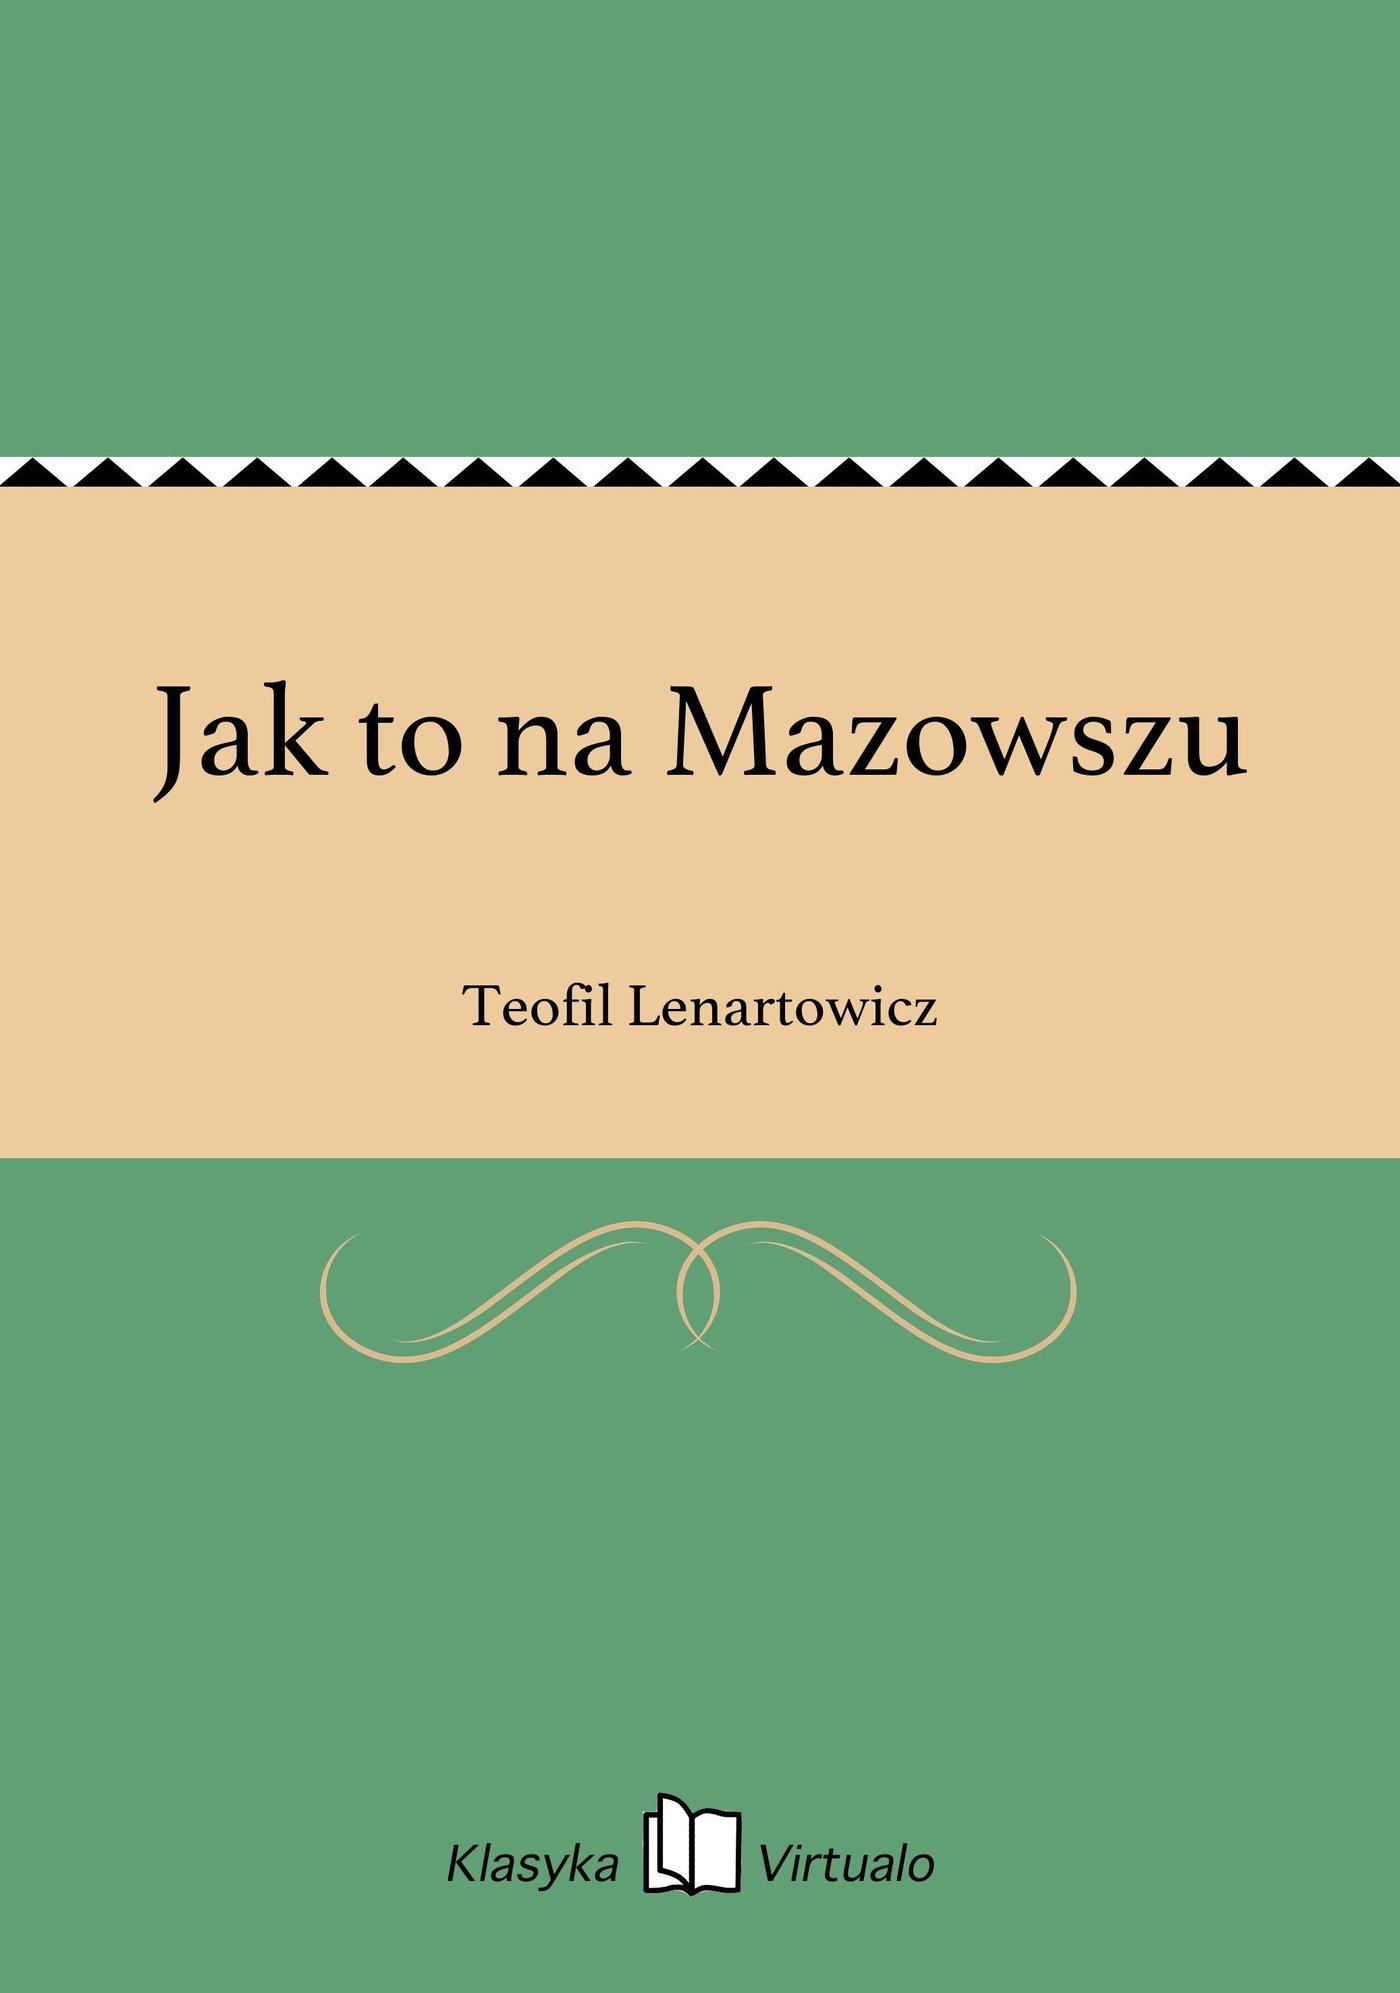 Jak to na Mazowszu - Ebook (Książka EPUB) do pobrania w formacie EPUB